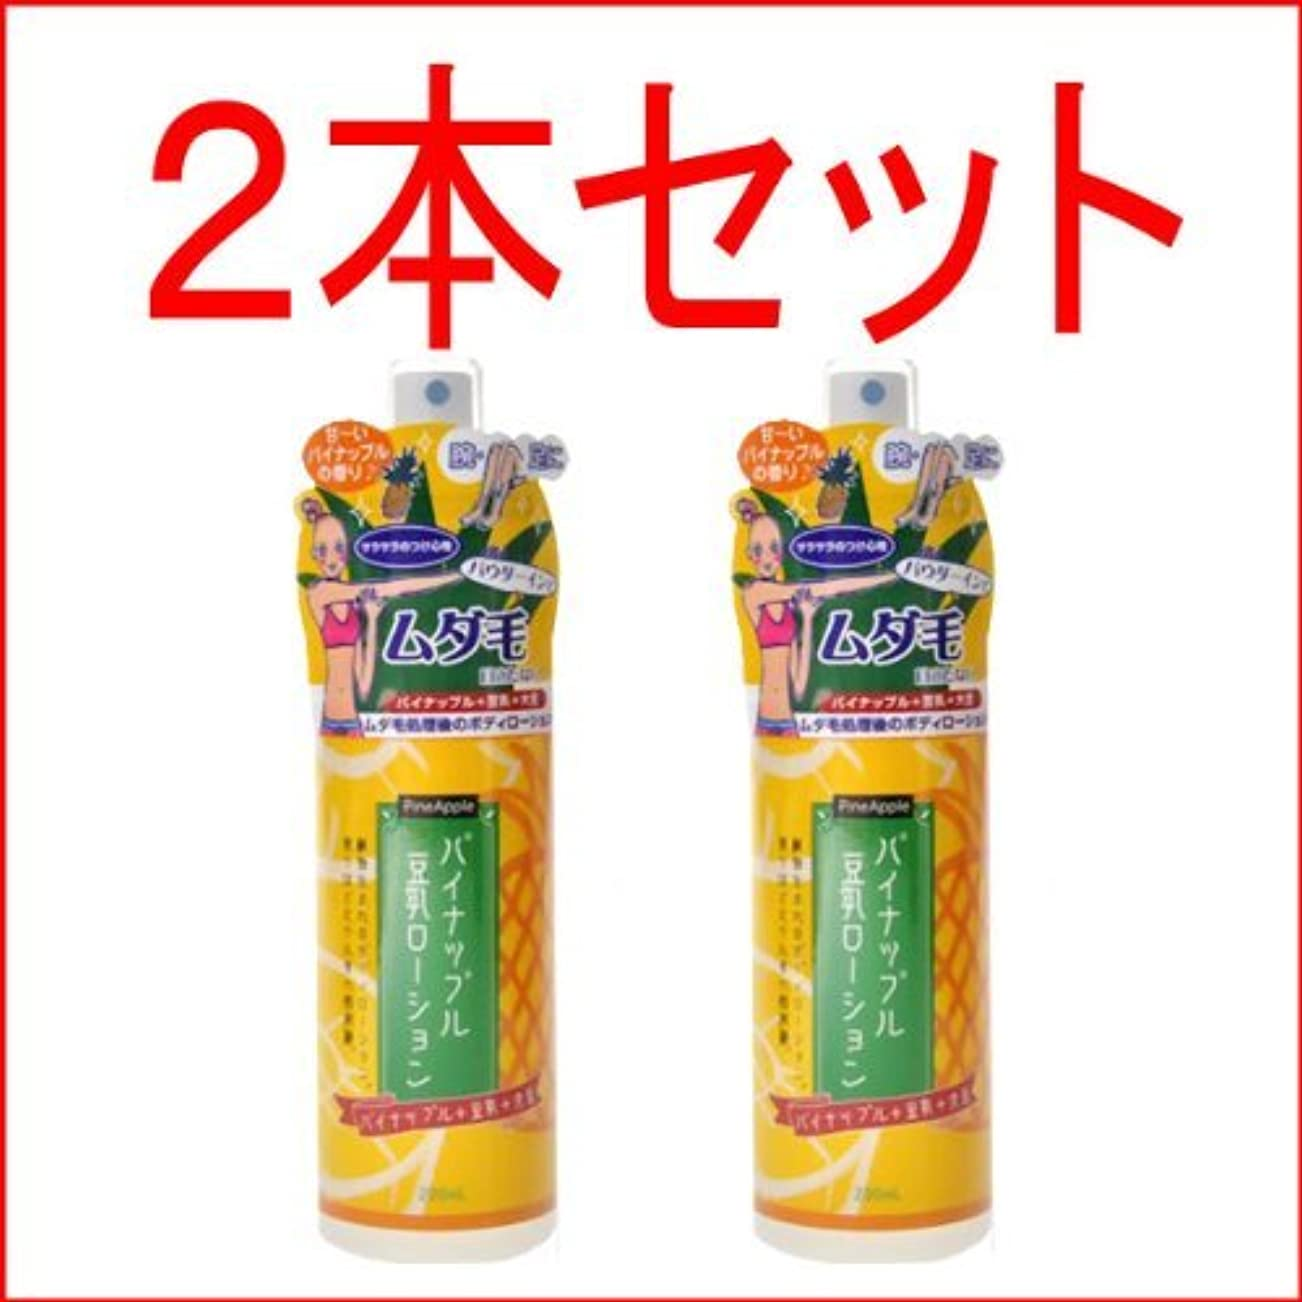 漏れ病気だと思う取り組むパイナップル豆乳ローション2本セット【ムダ毛処理後専用ボディーローション】